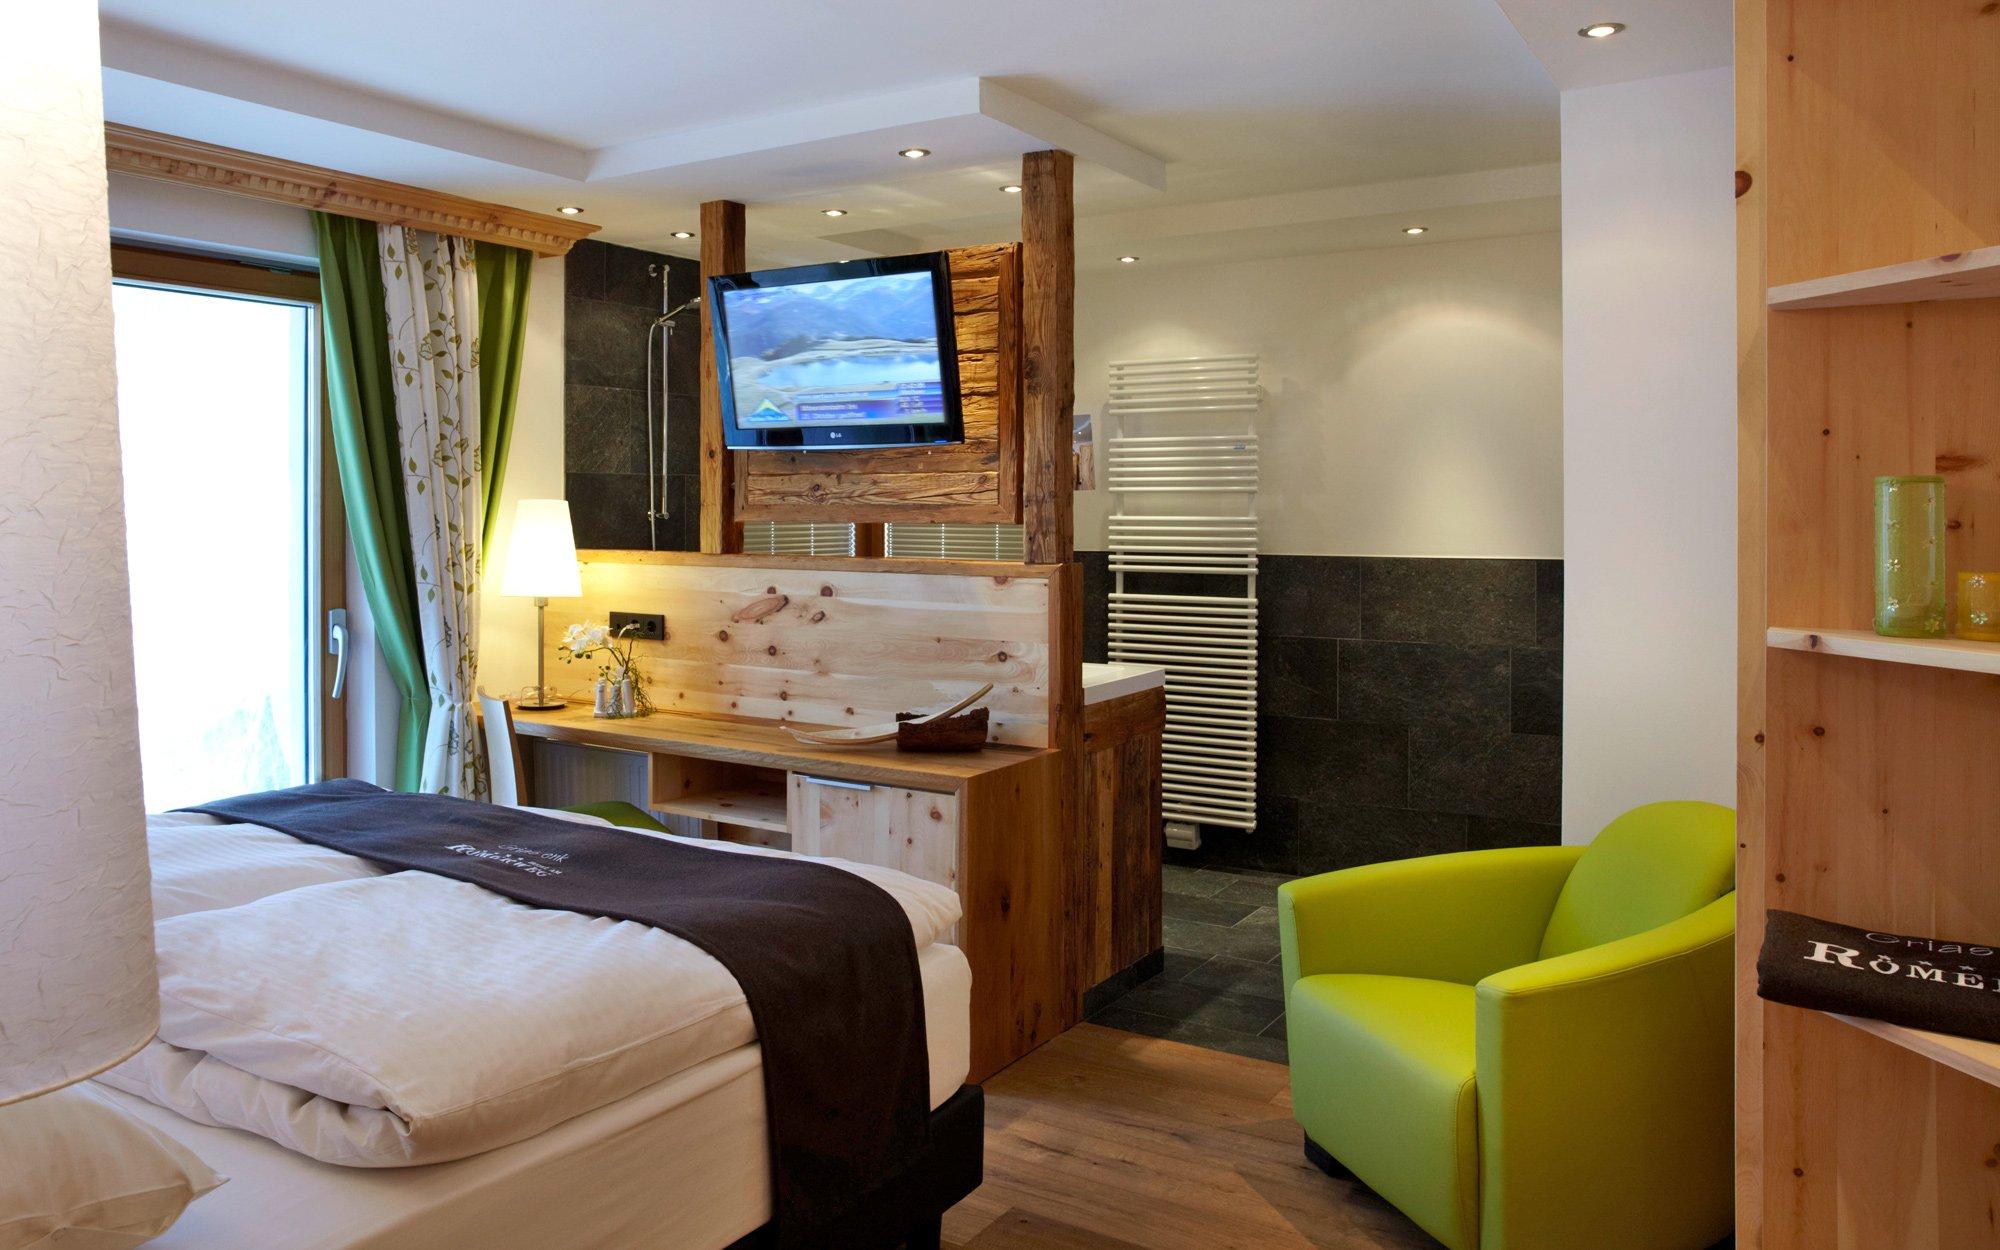 Zimmer, Suiten & Appartements für Ihren Urlaub in Fiss in Tirol